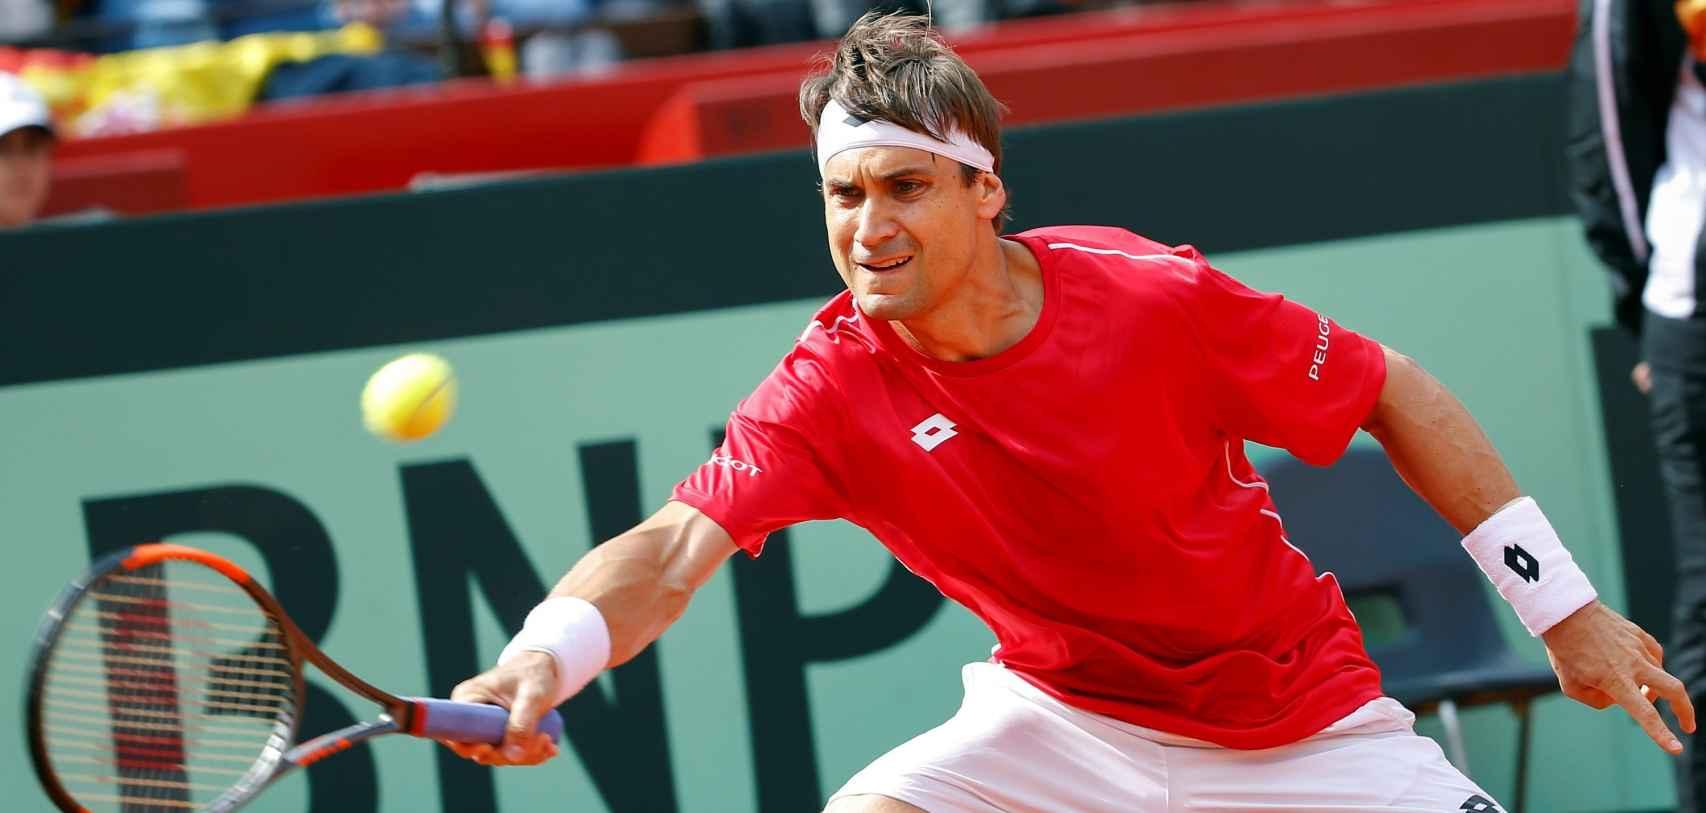 David Ferrer - Philipp Kohlschreiber, en vivo y en directo la Copa Davis